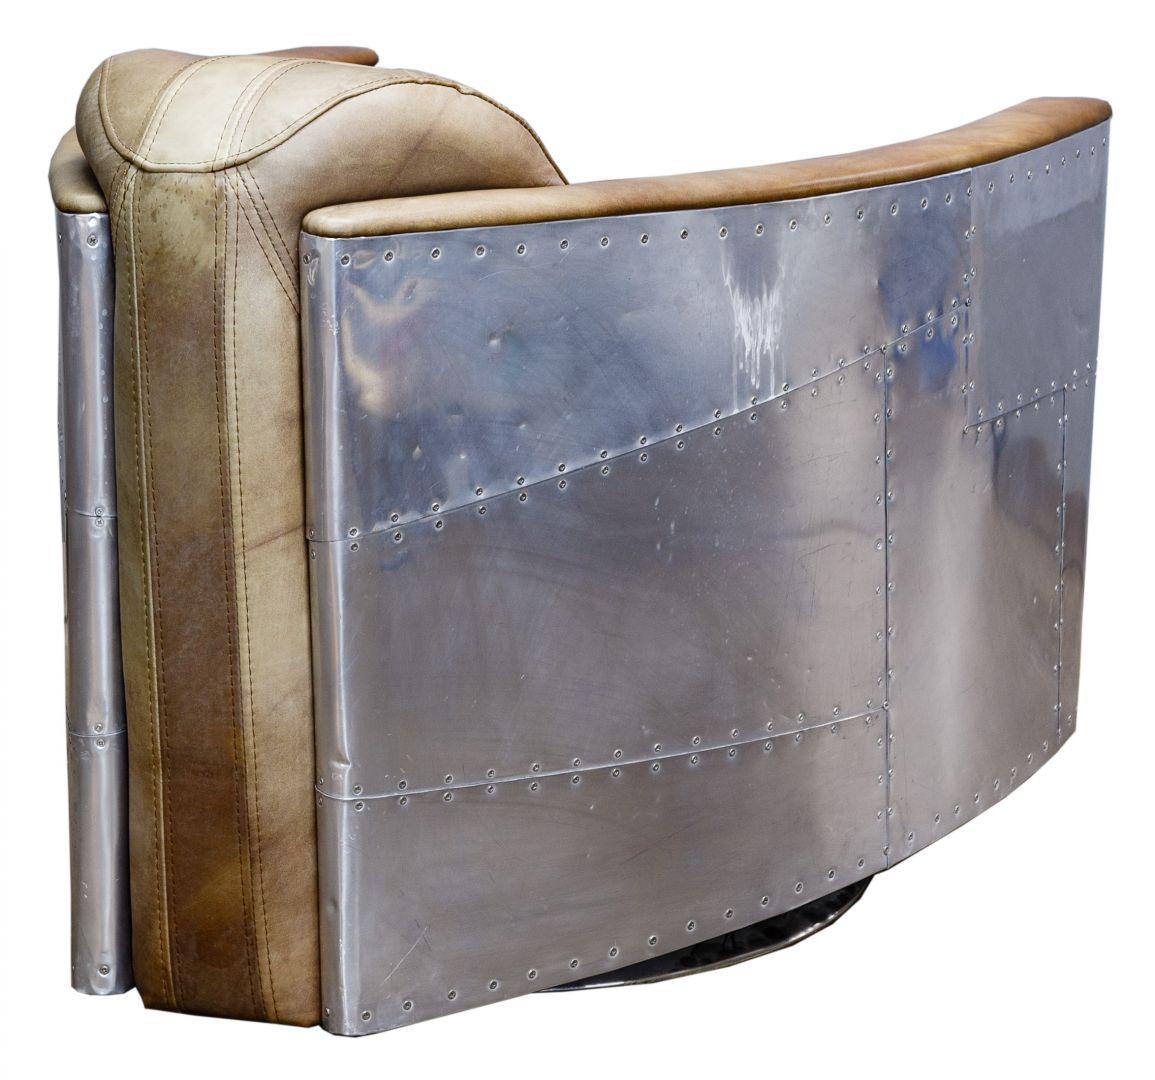 Prime Lot 92 Restoration Hardware Aviator Leather Chair Short Links Chair Design For Home Short Linksinfo